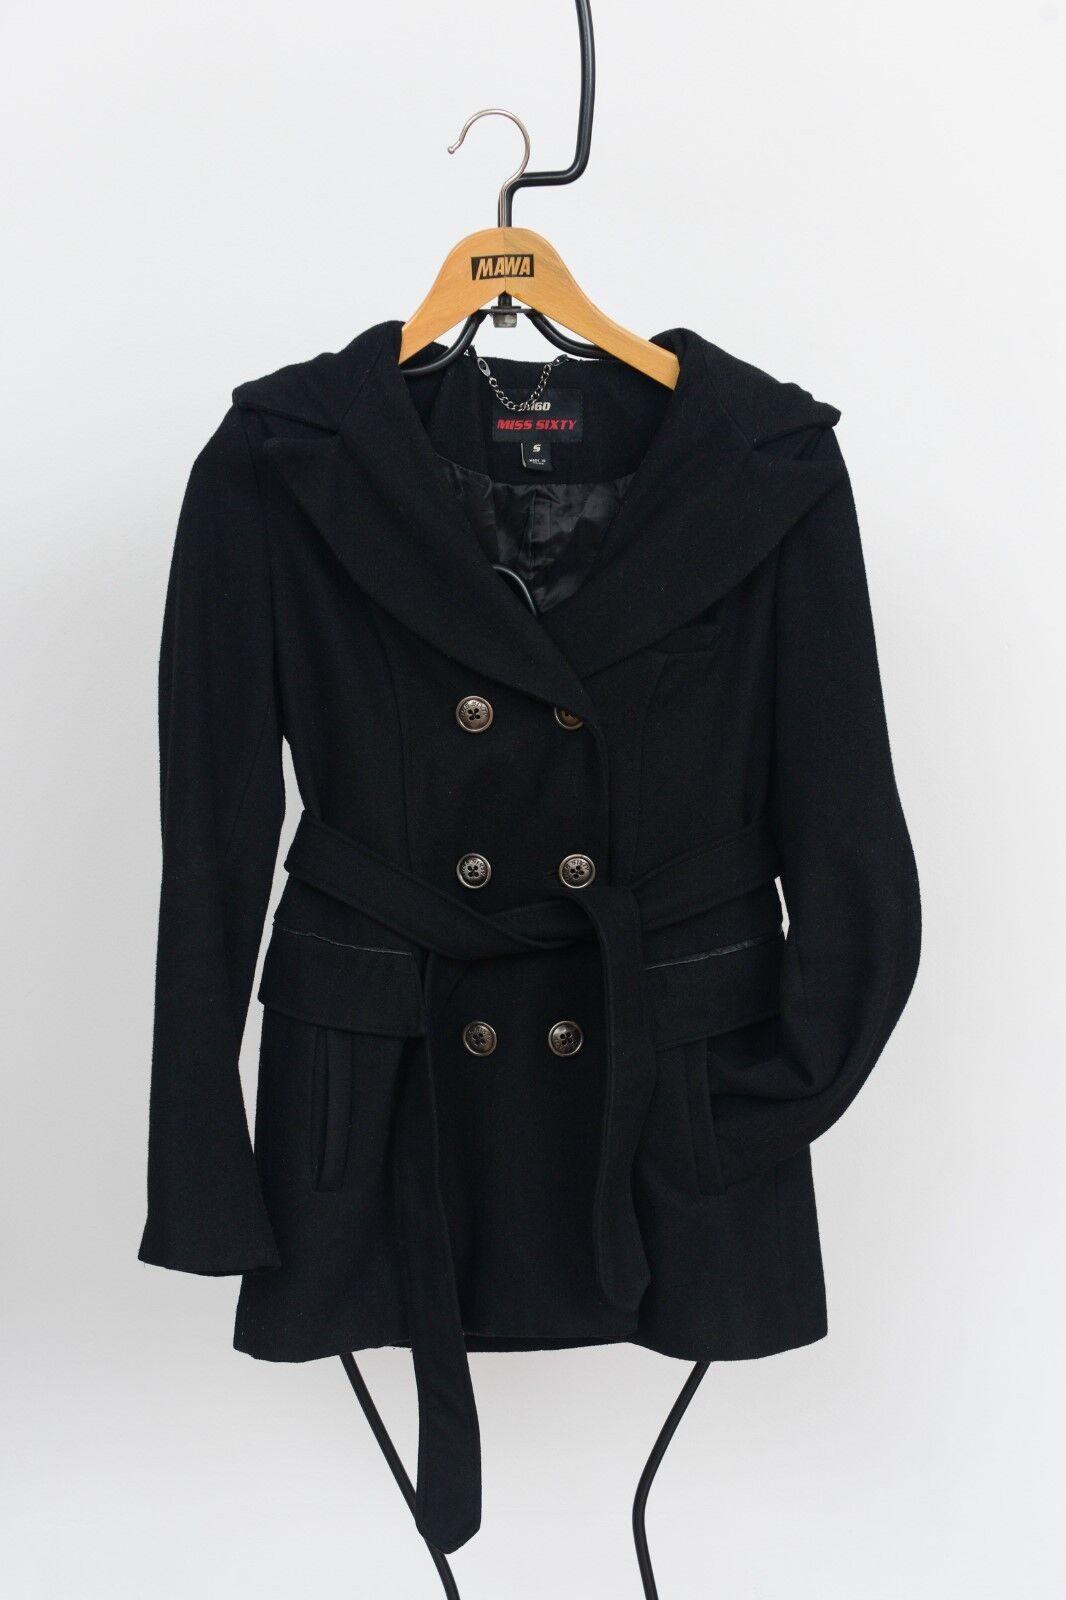 M60 MISS SIXTY -  Wolle Mix Mantel Mantel Mantel mit Kapuze - Schwarz - Gr. S | Zuverlässiger Ruf  | Hohe Qualität Und Geringen Overhead  | Hochwertig  4f1b4c